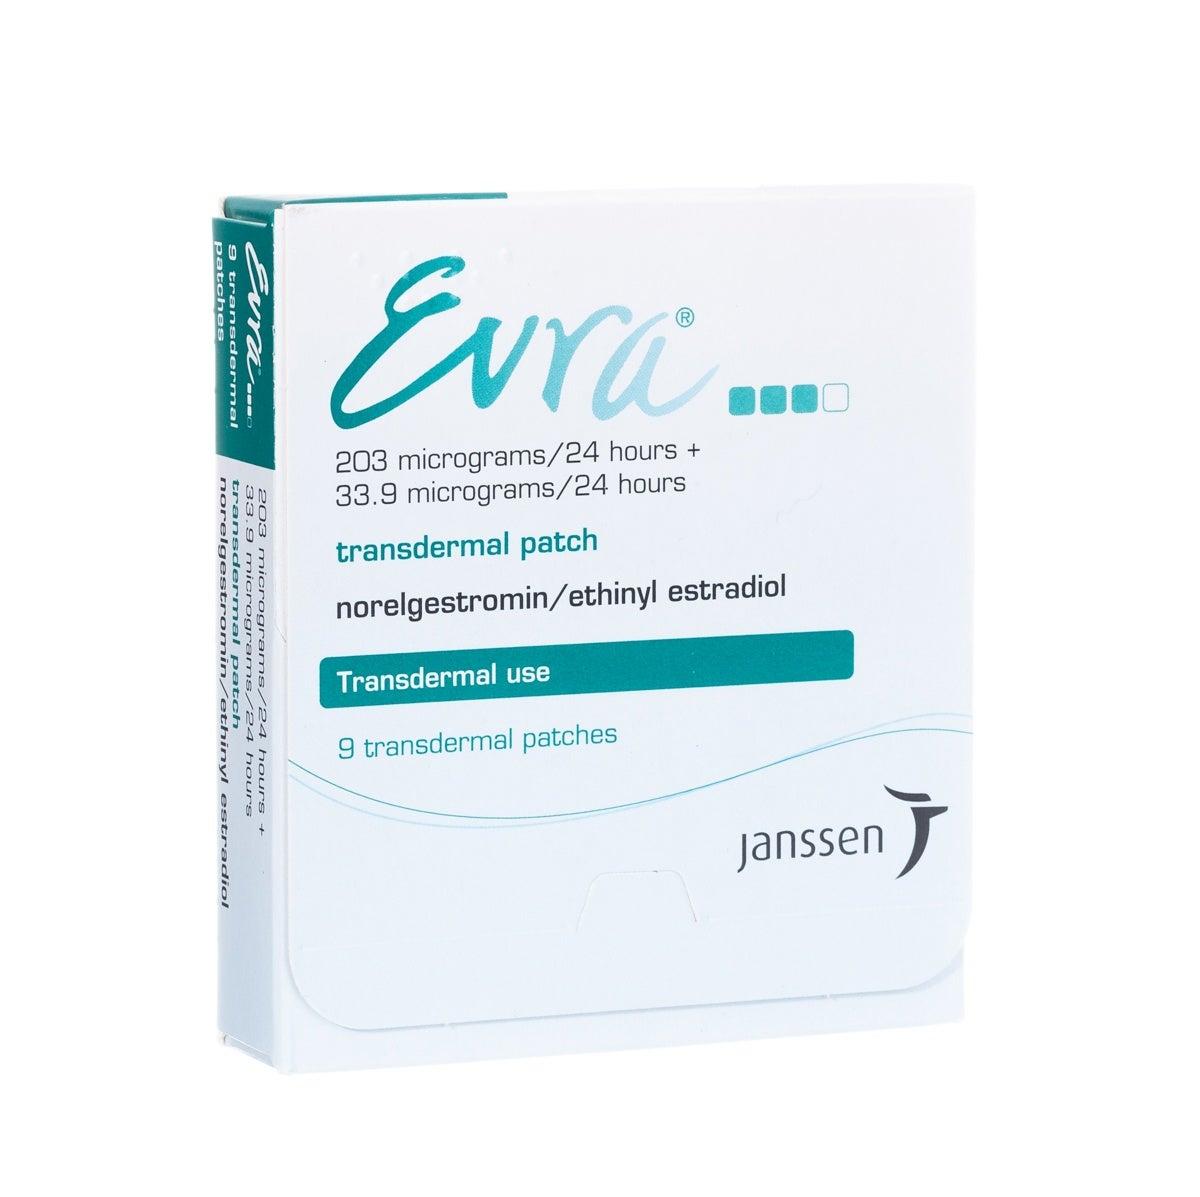 Evra 避妊 エブラ パッチ